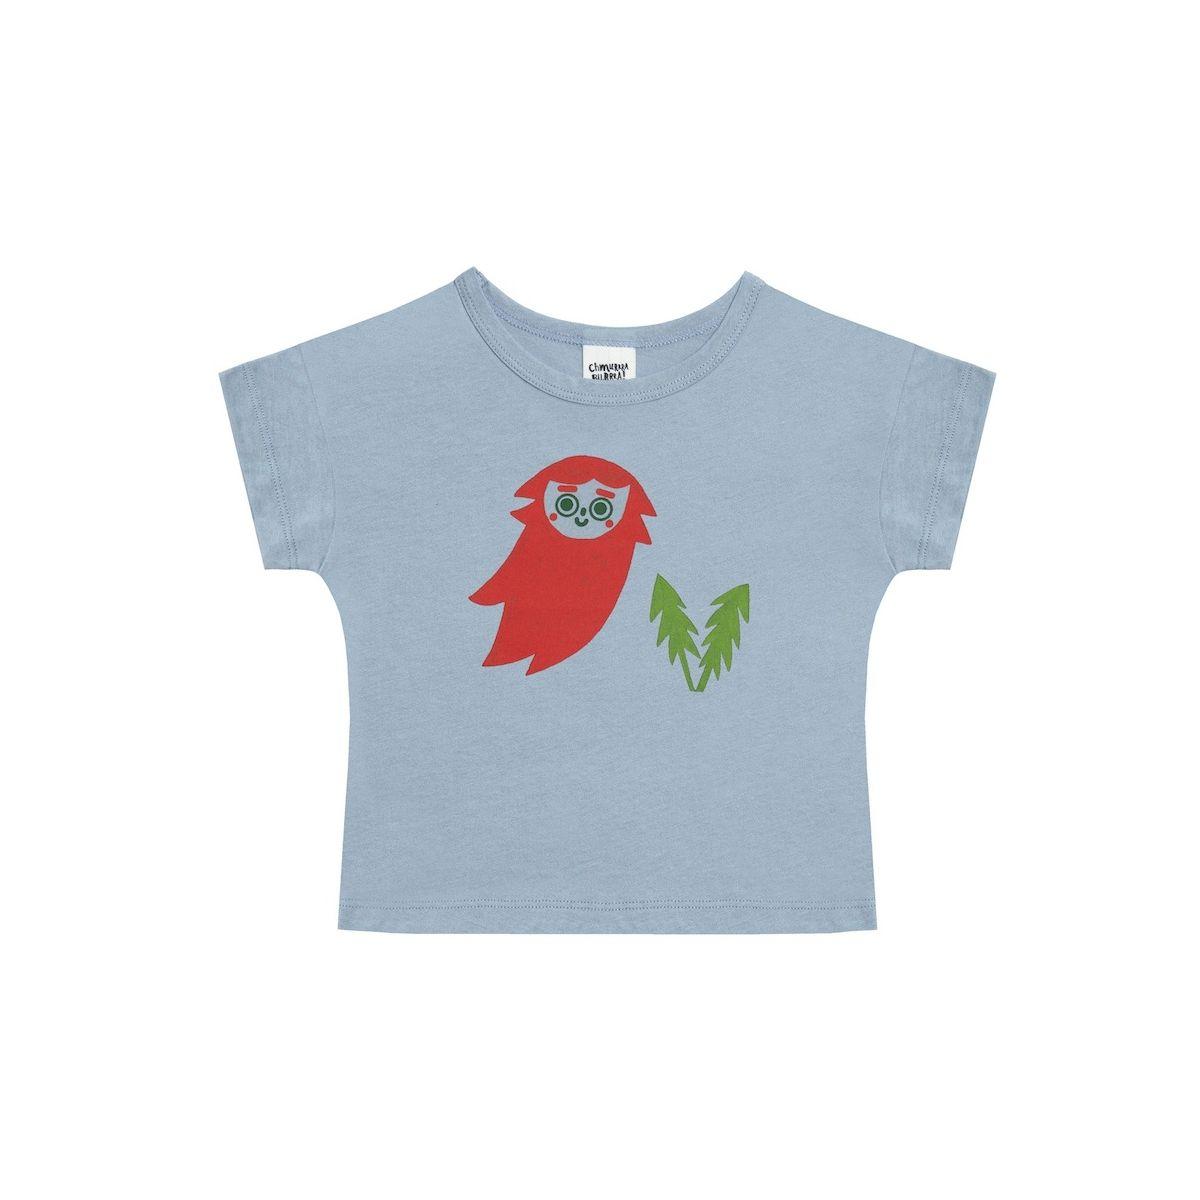 Gnome t-shirt blue - Chmurrra Burrra